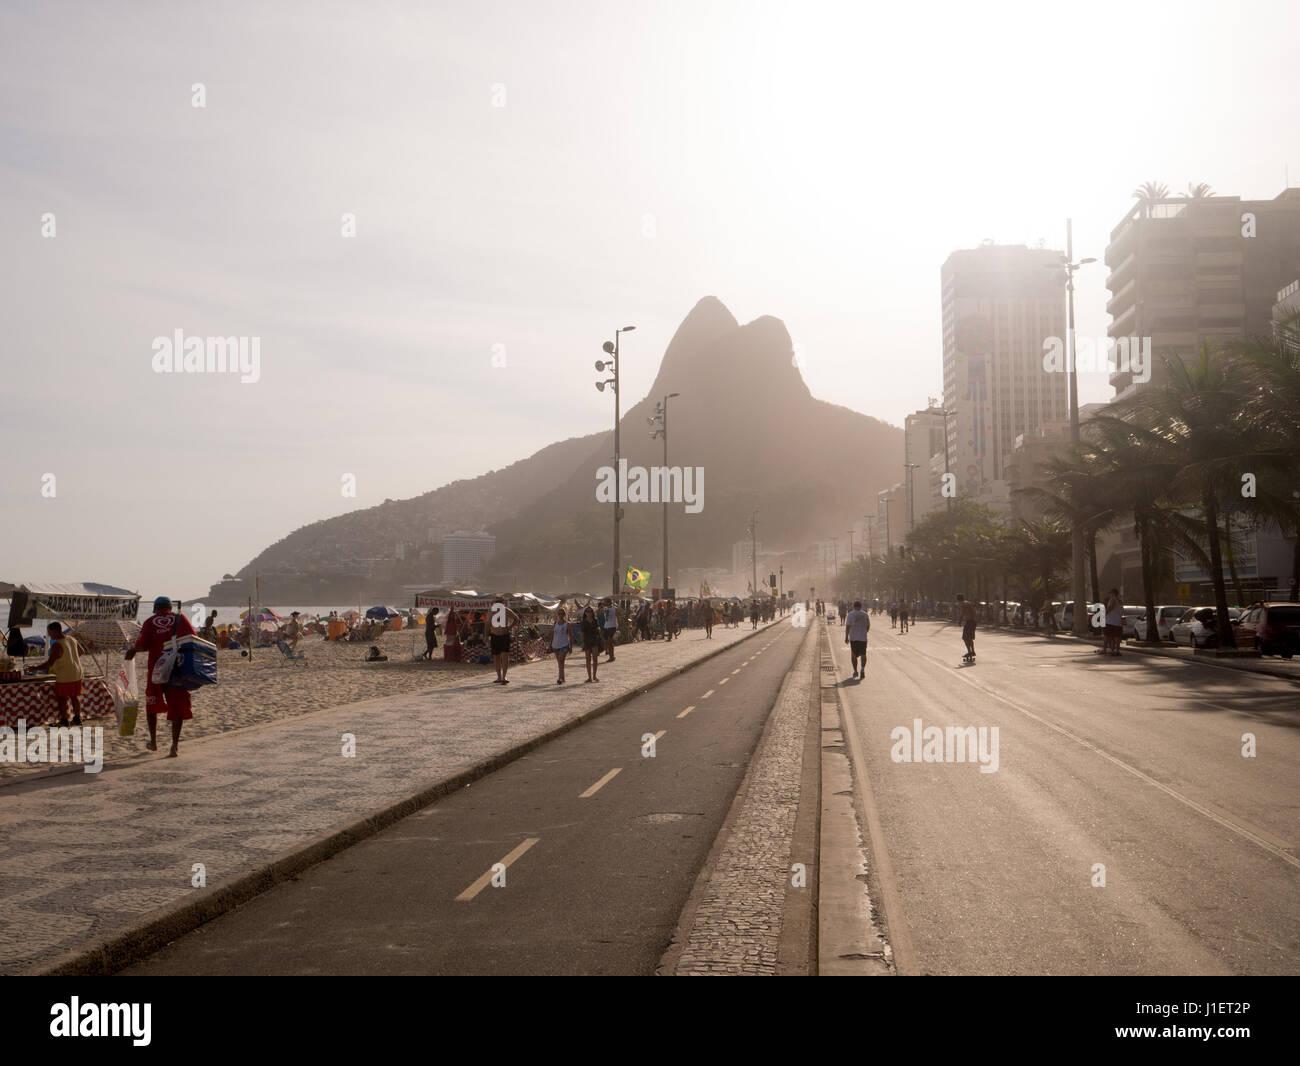 RIO DE JANEIRO, Brasile - 24 ottobre 2016: persone godetevi la spiaggia di Ipanema al tramonto a Rio de Janeiro Foto Stock